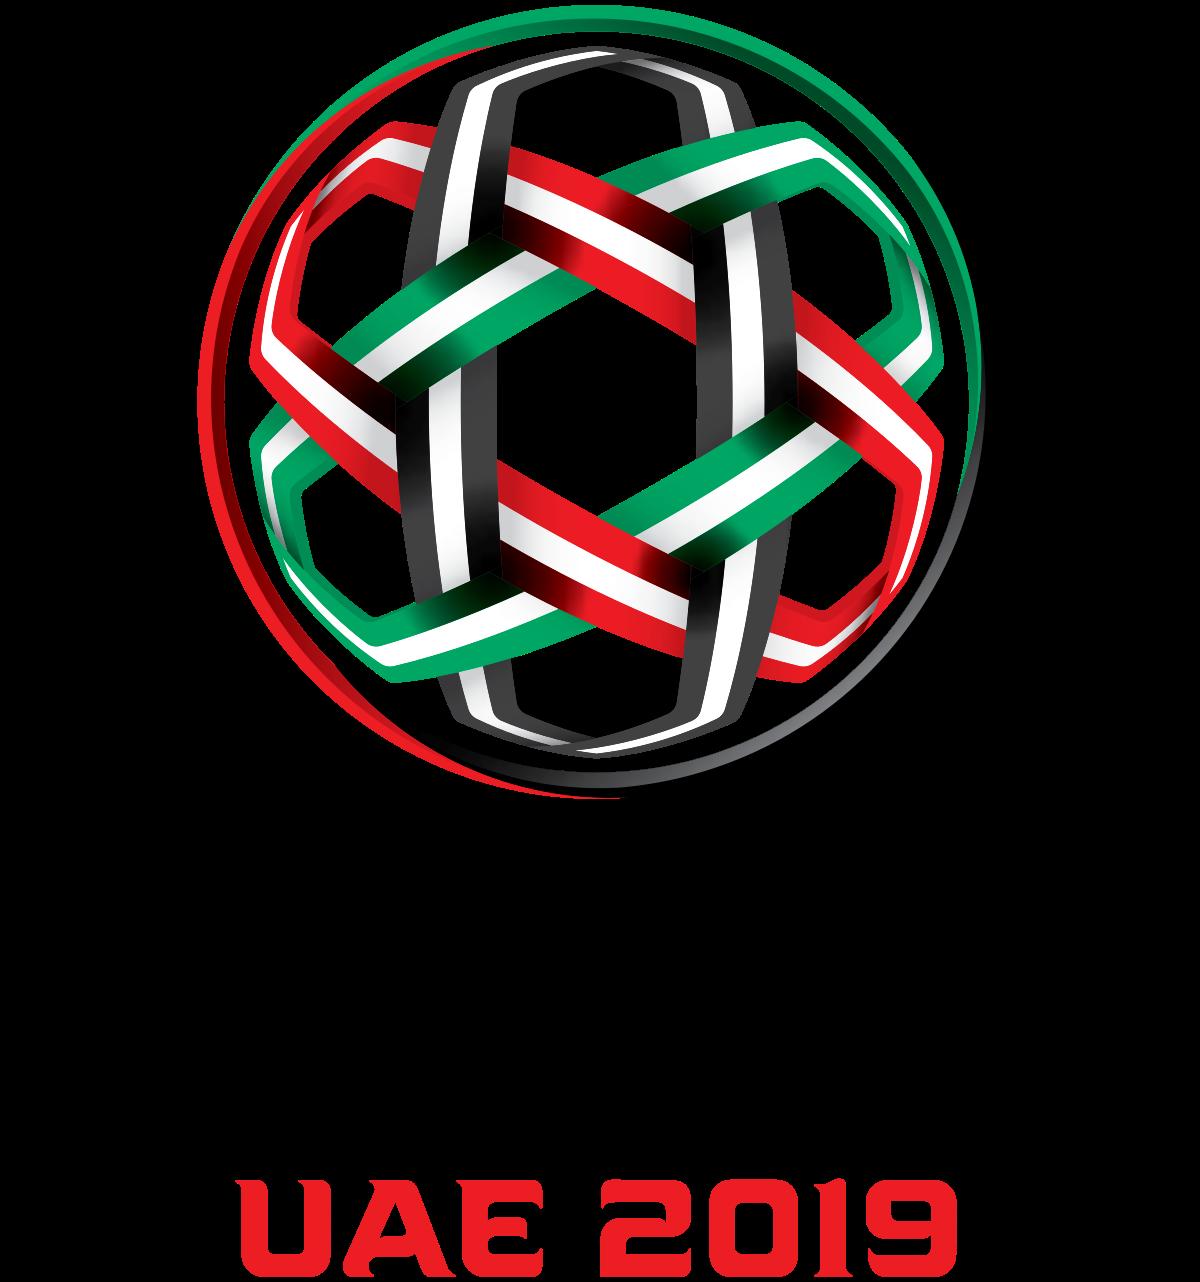 Lịch Thi đấu U23 Chau A 2020 U23 Việt Nam đụng độ Ai World Cup Bong đa Fifa